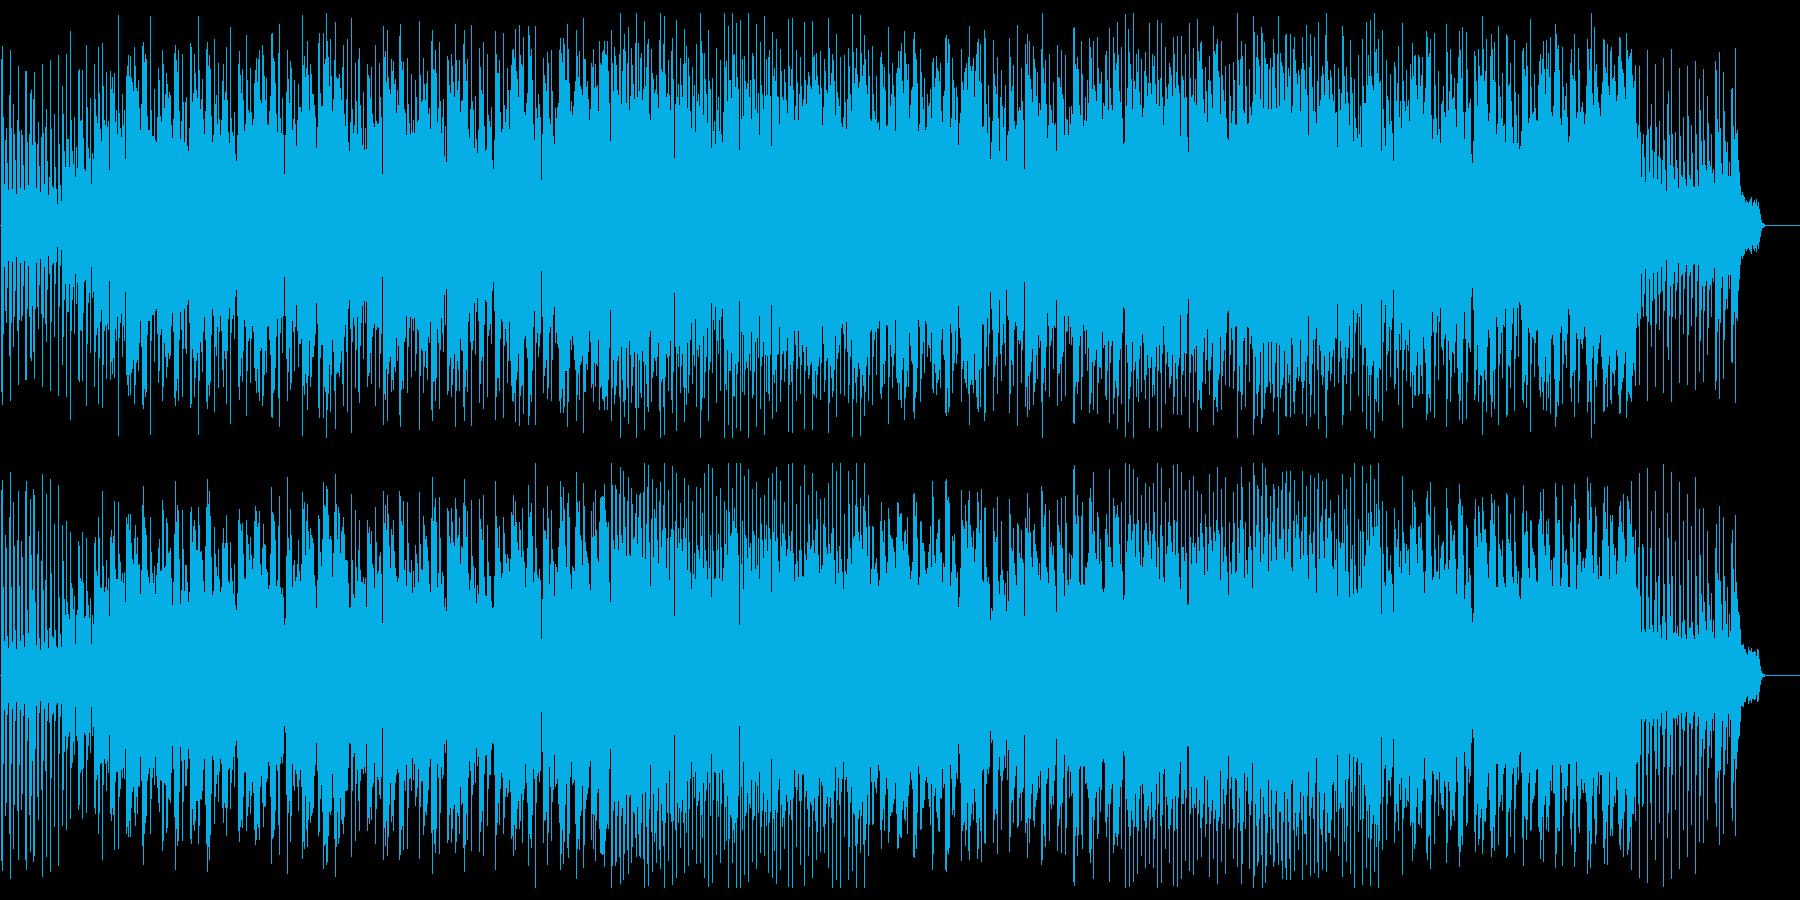 のんびり ほのぼの リラックス メルヘンの再生済みの波形